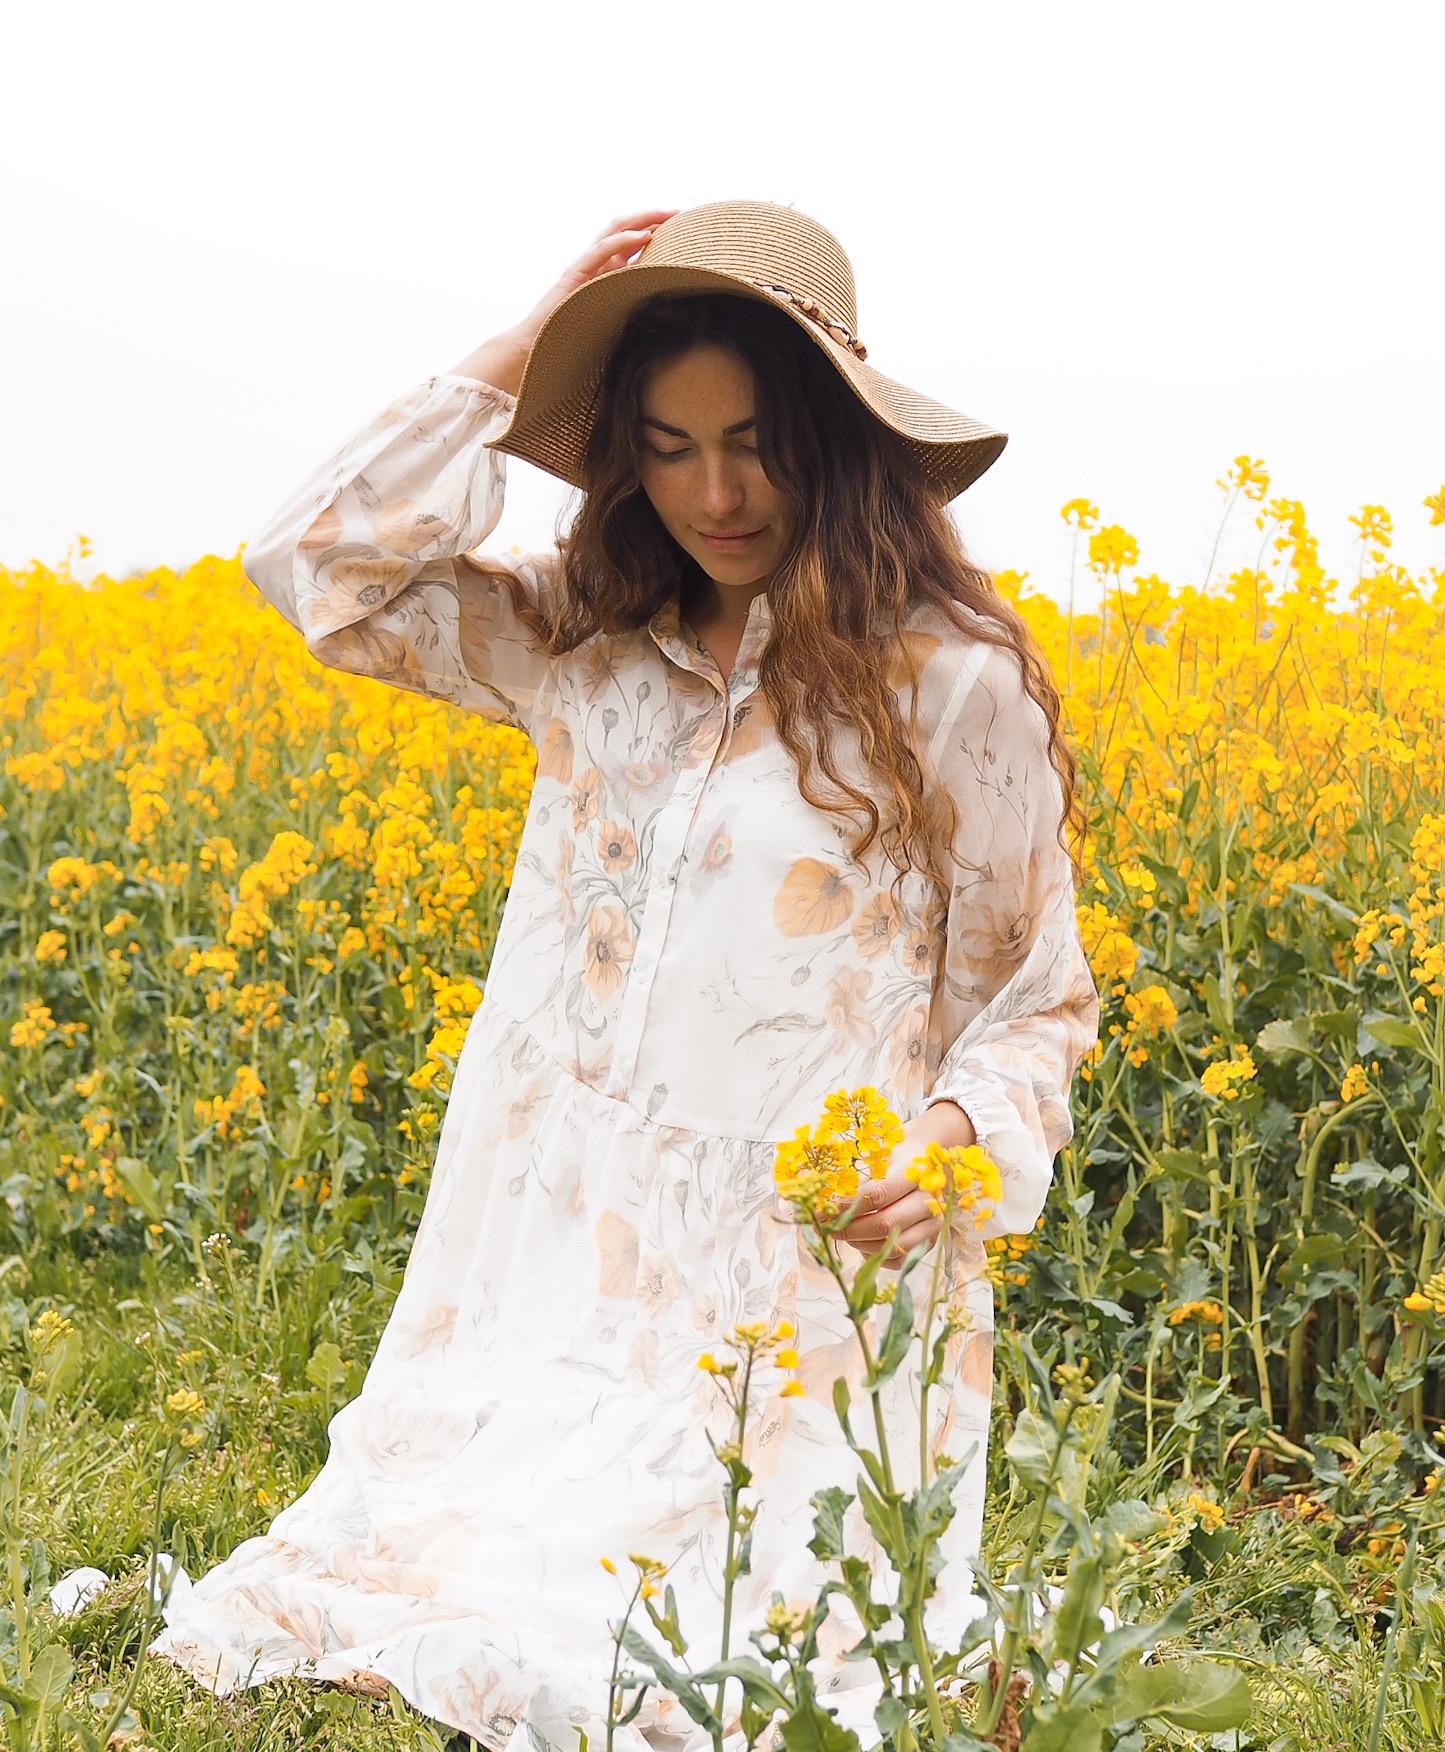 H&M sommerkjoler